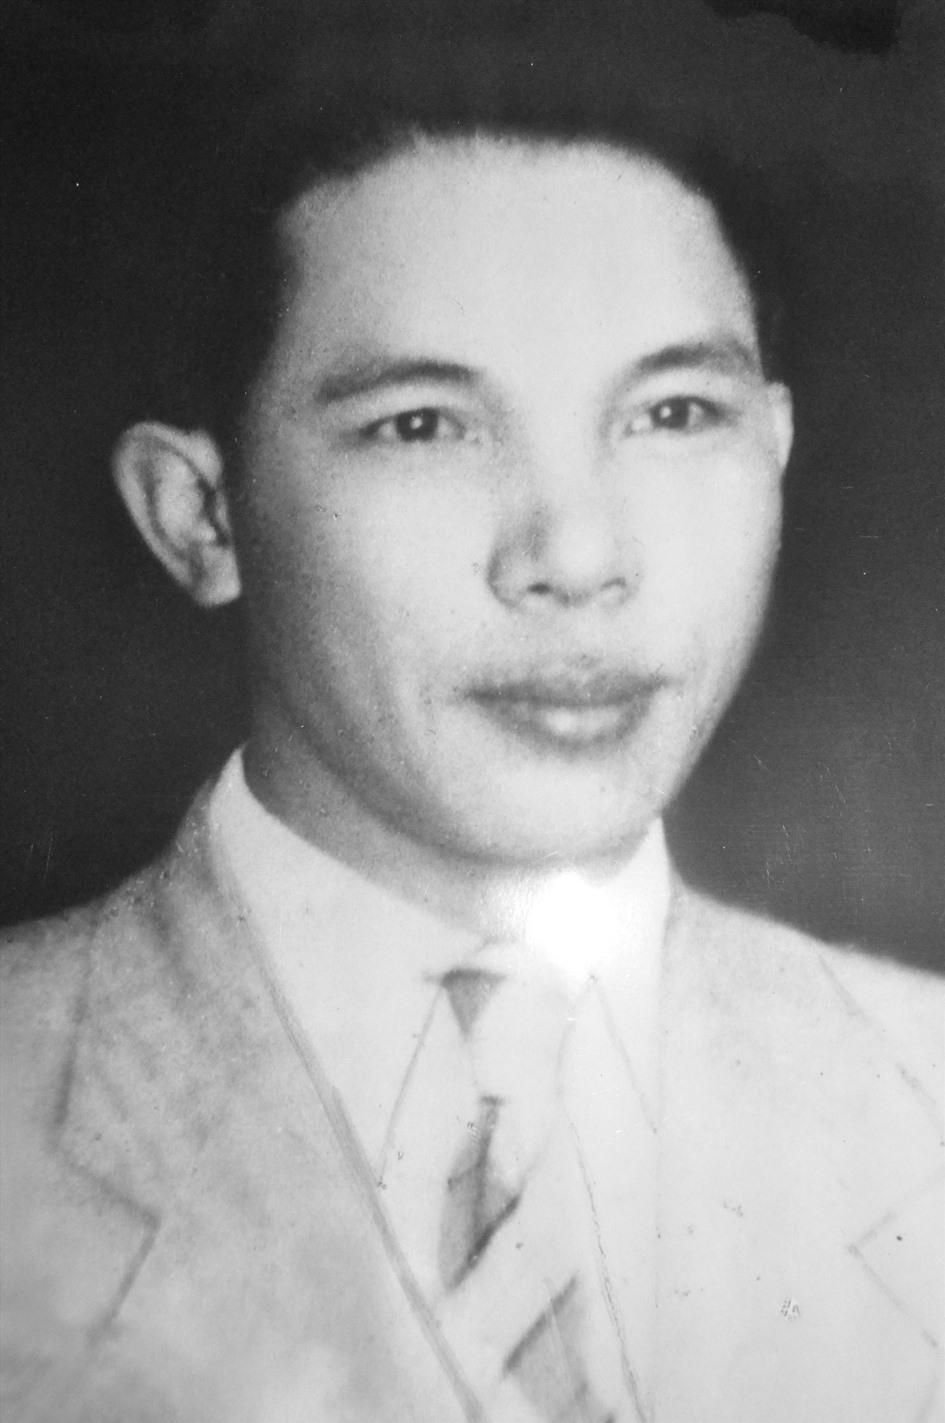 """Bí thư Tỉnh ủy Phan Văn Định là người khởi xướng đồng thời là người tổ chức thực hiện ra số đầu tiên của tờ báo """"Lưỡi Cày"""". Ảnh tư liệu"""